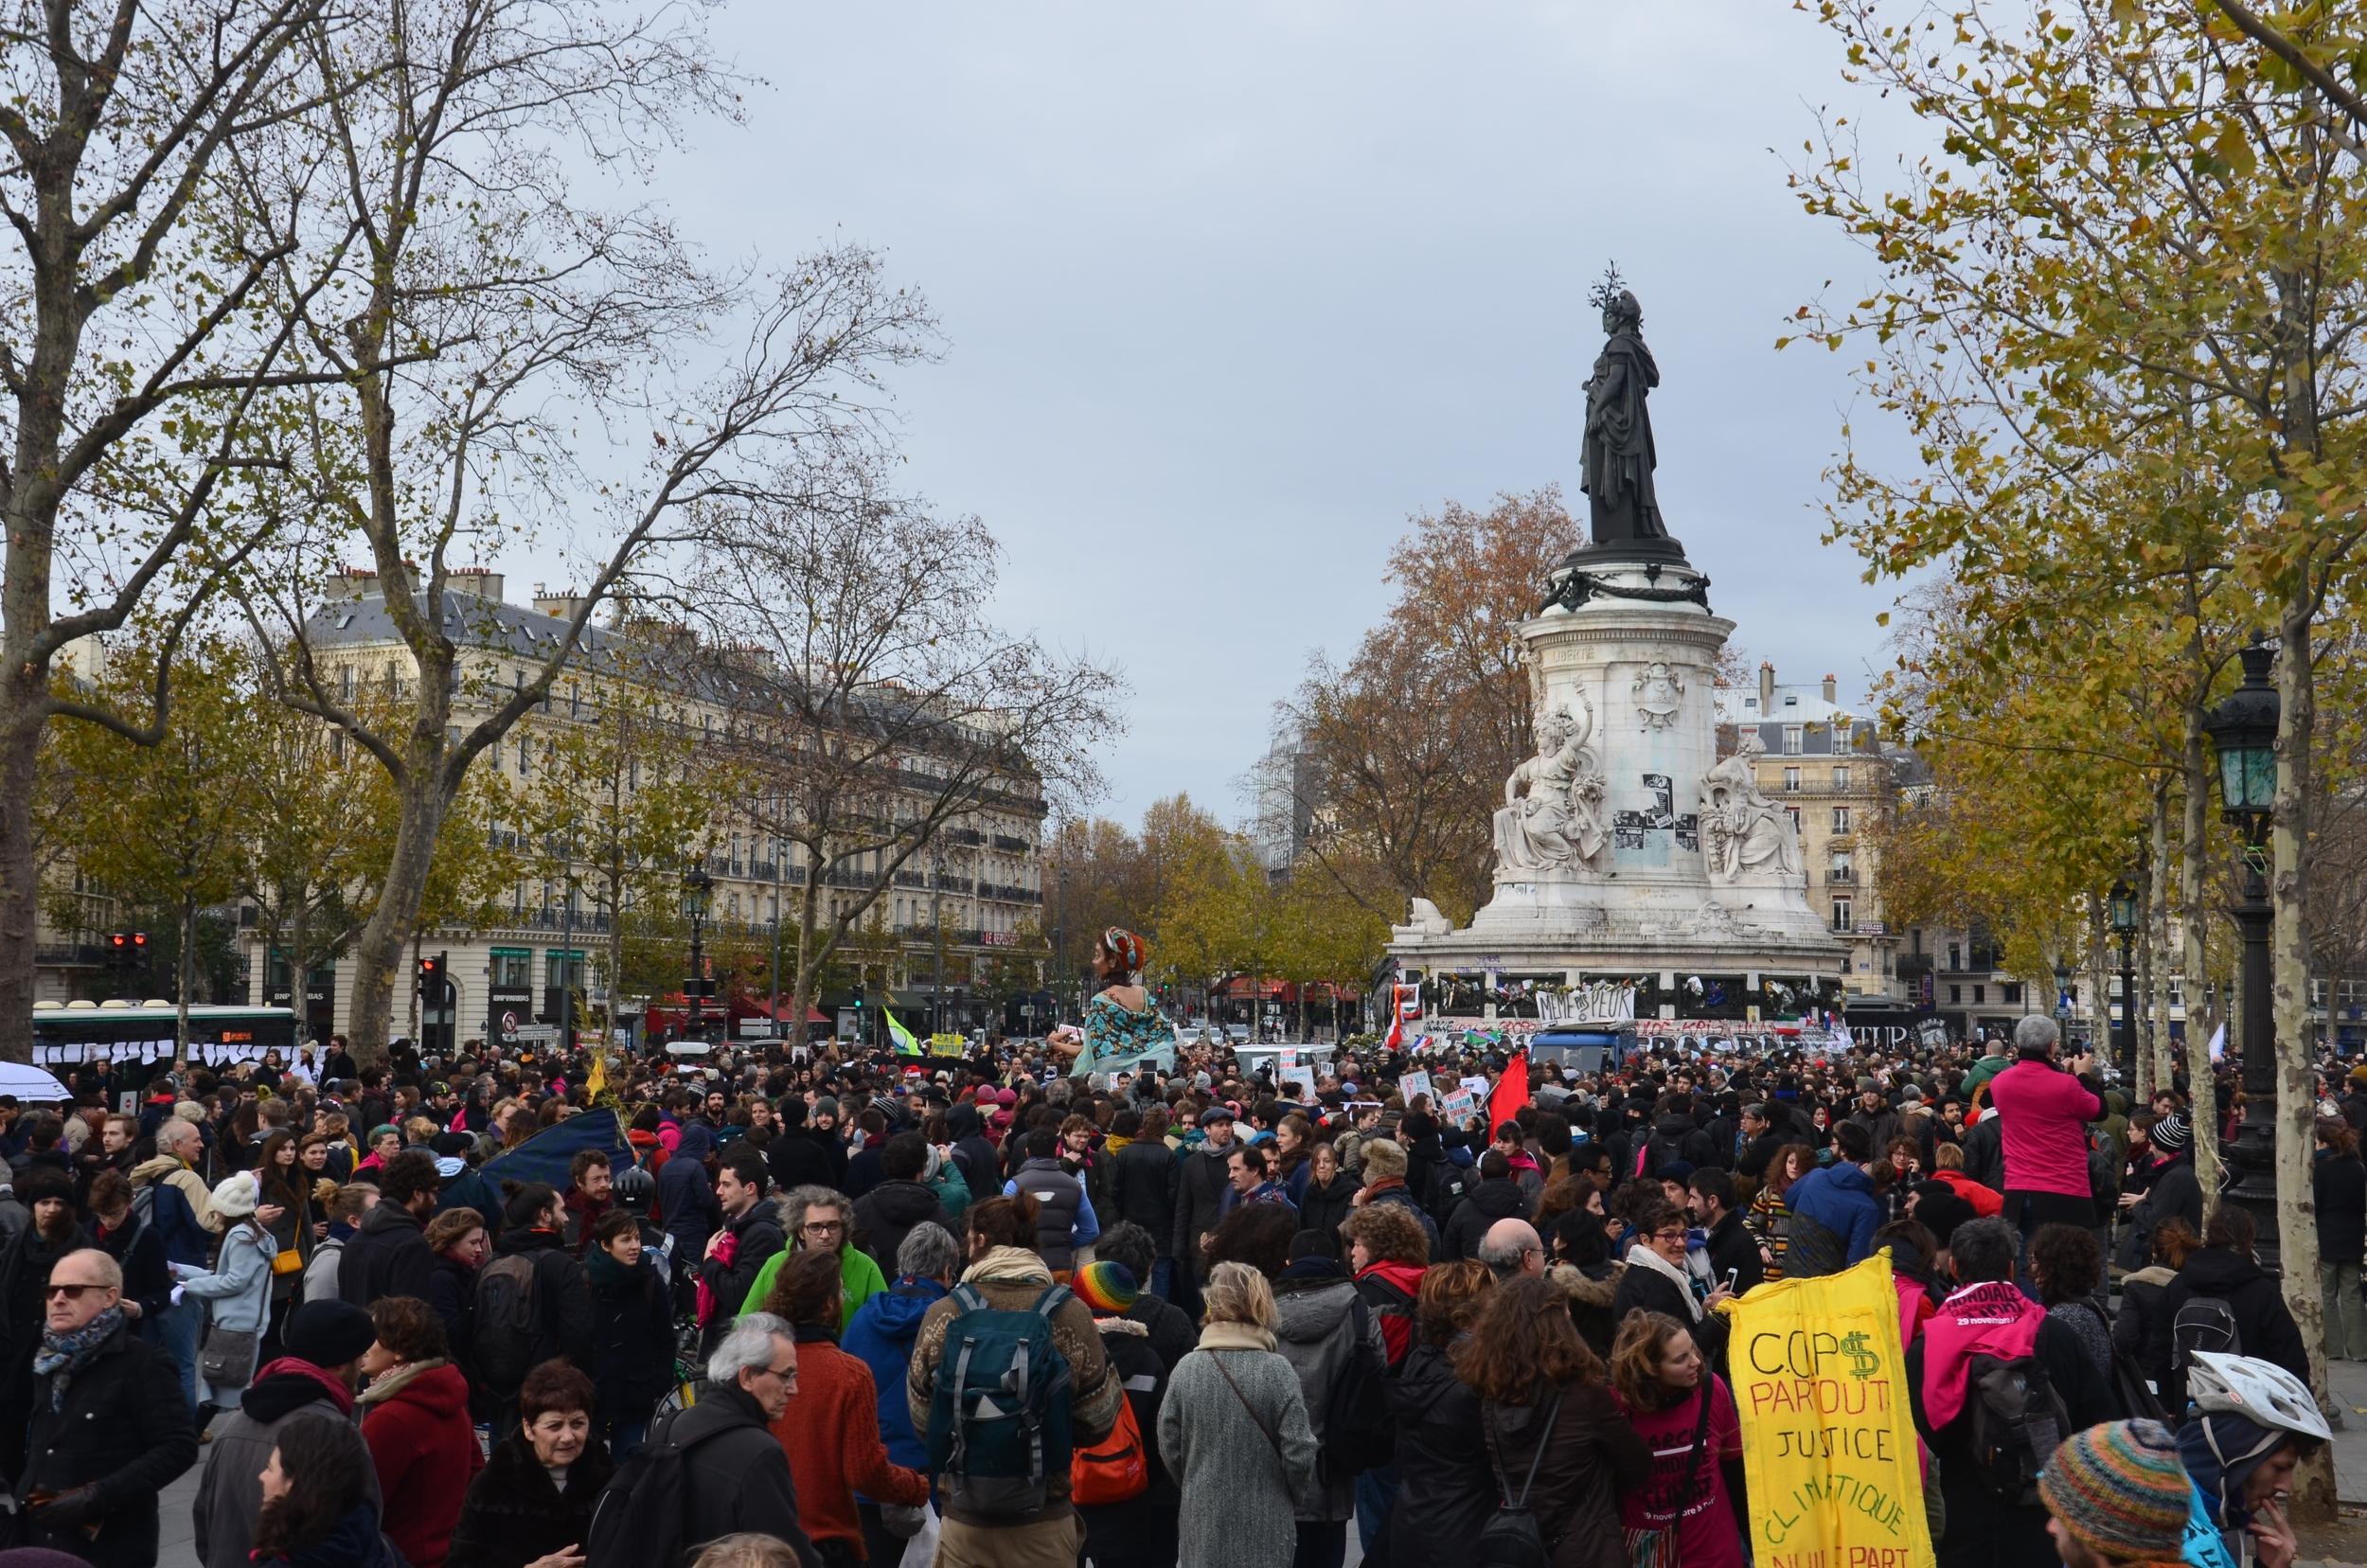 The protesters in Place de la Republique. Photograph by Hamish Laing